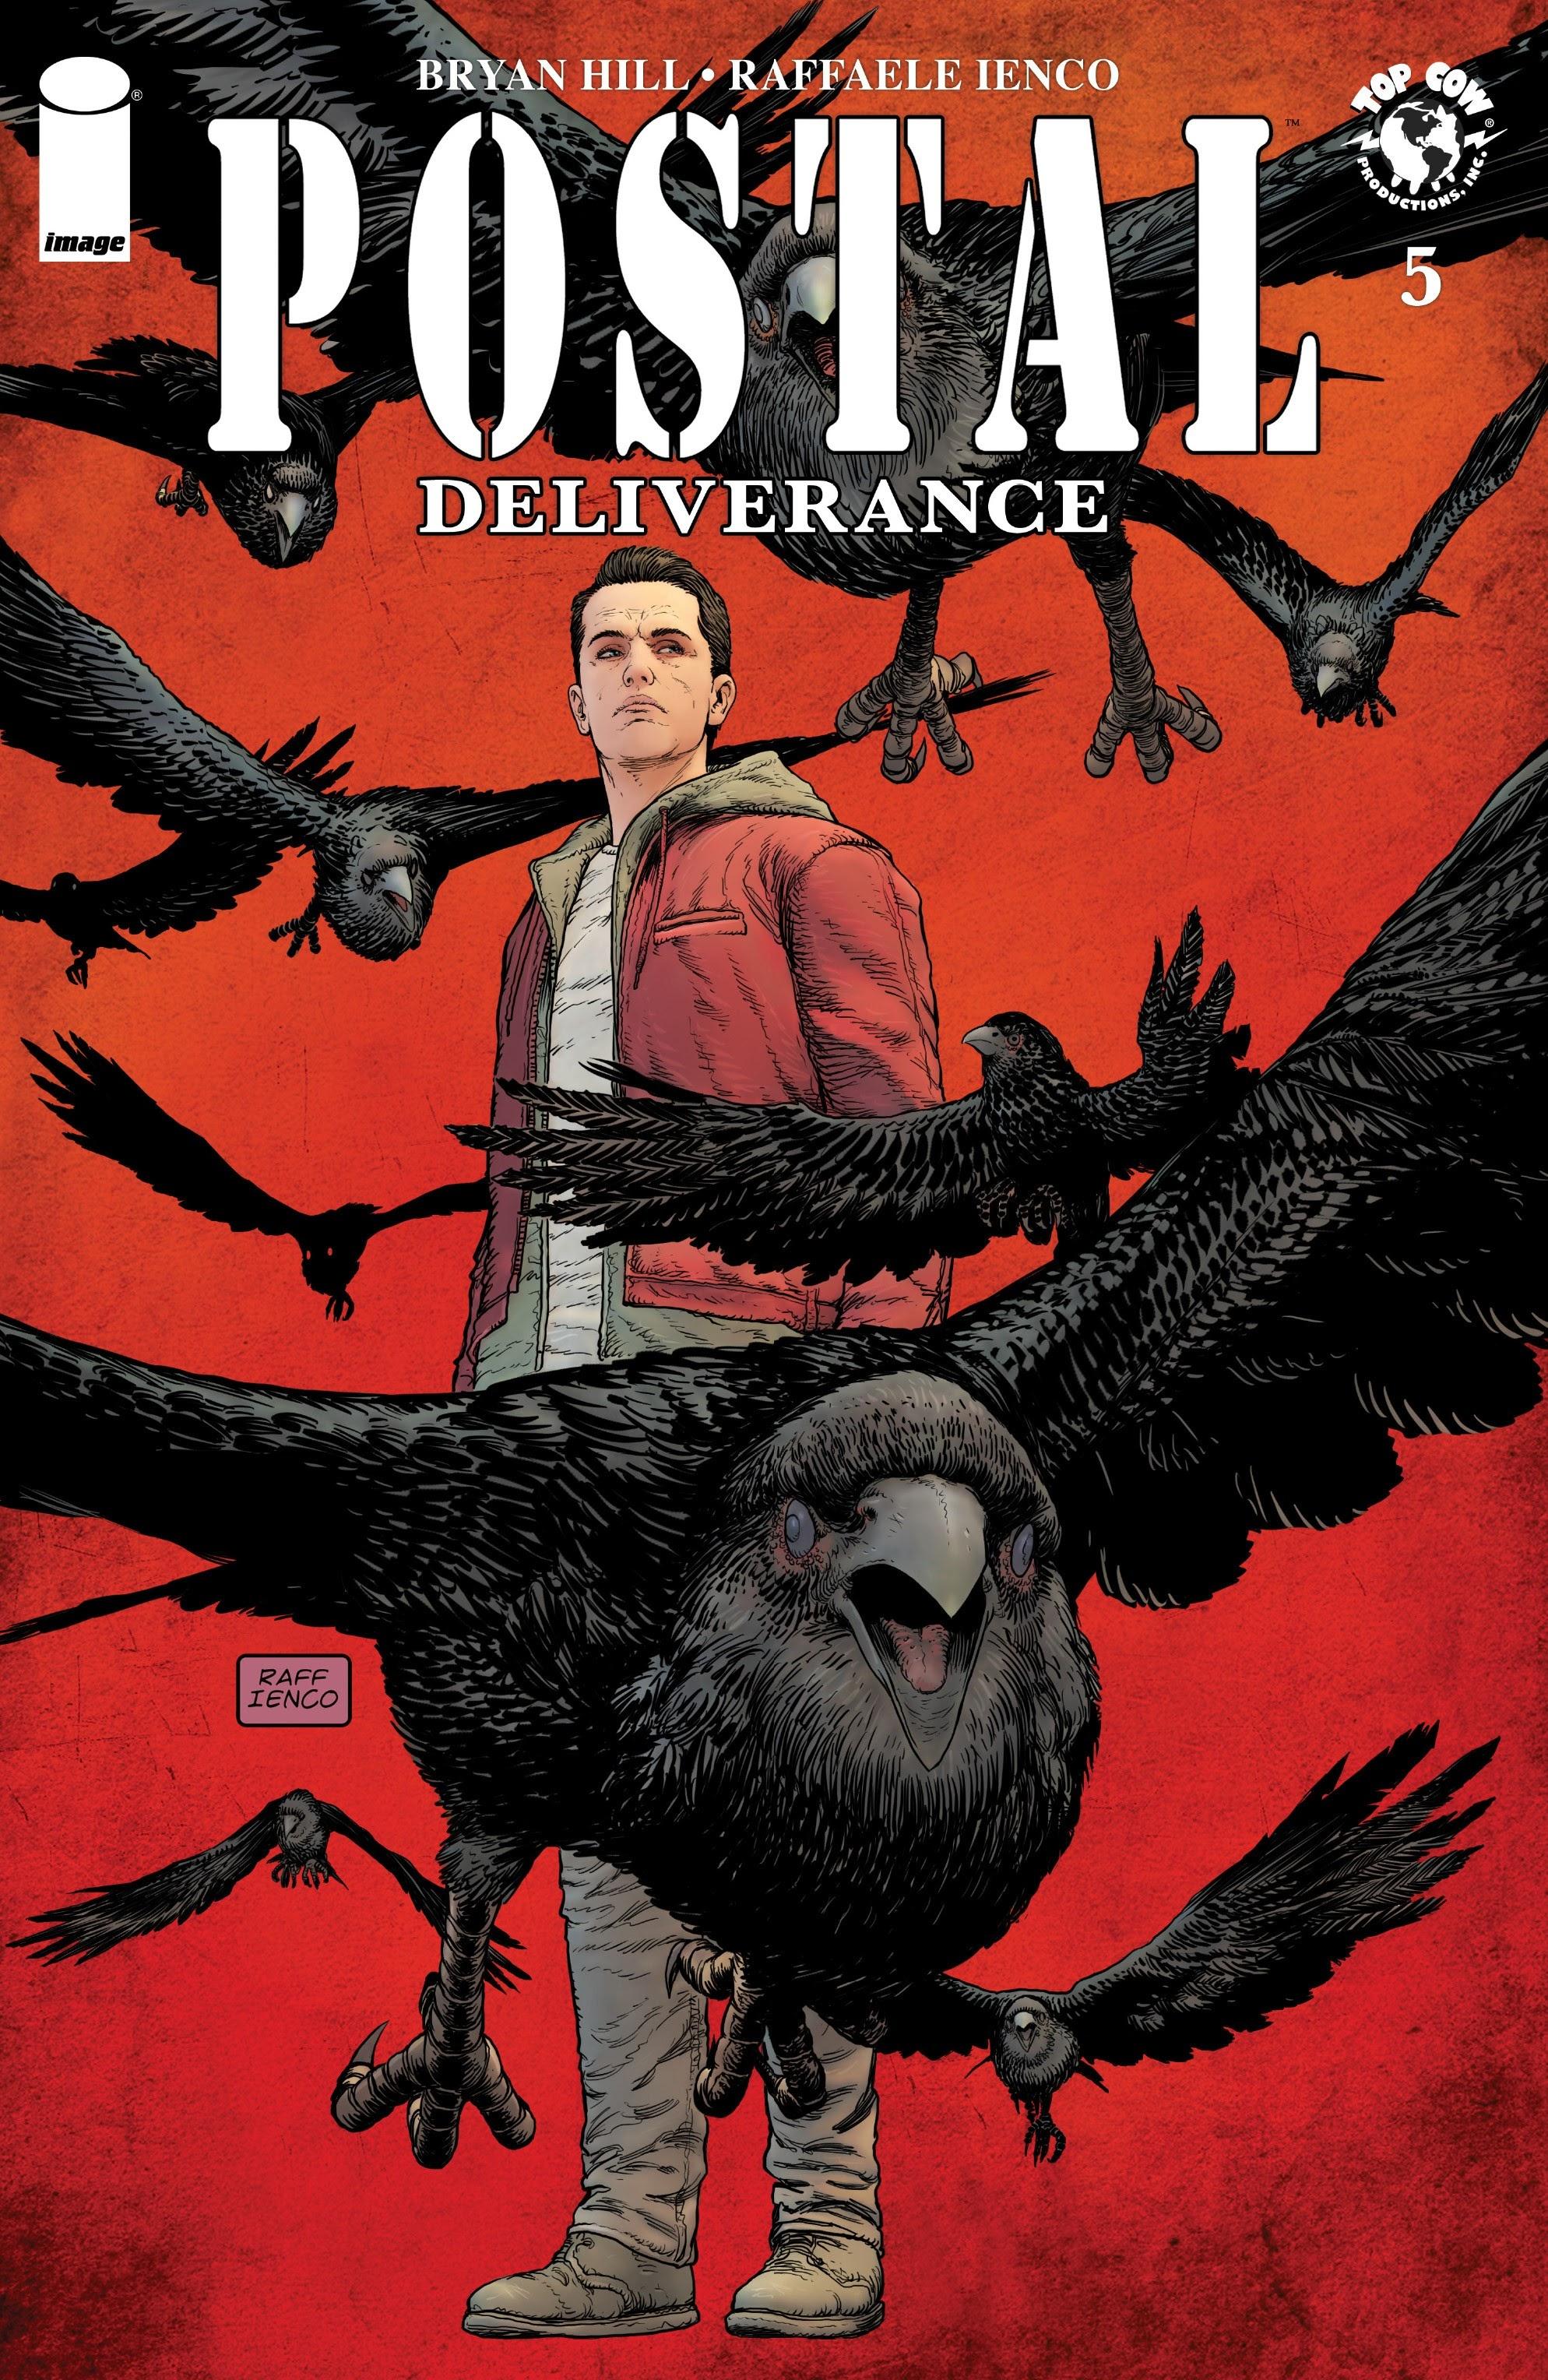 Postal: Deliverance 5 Page 1